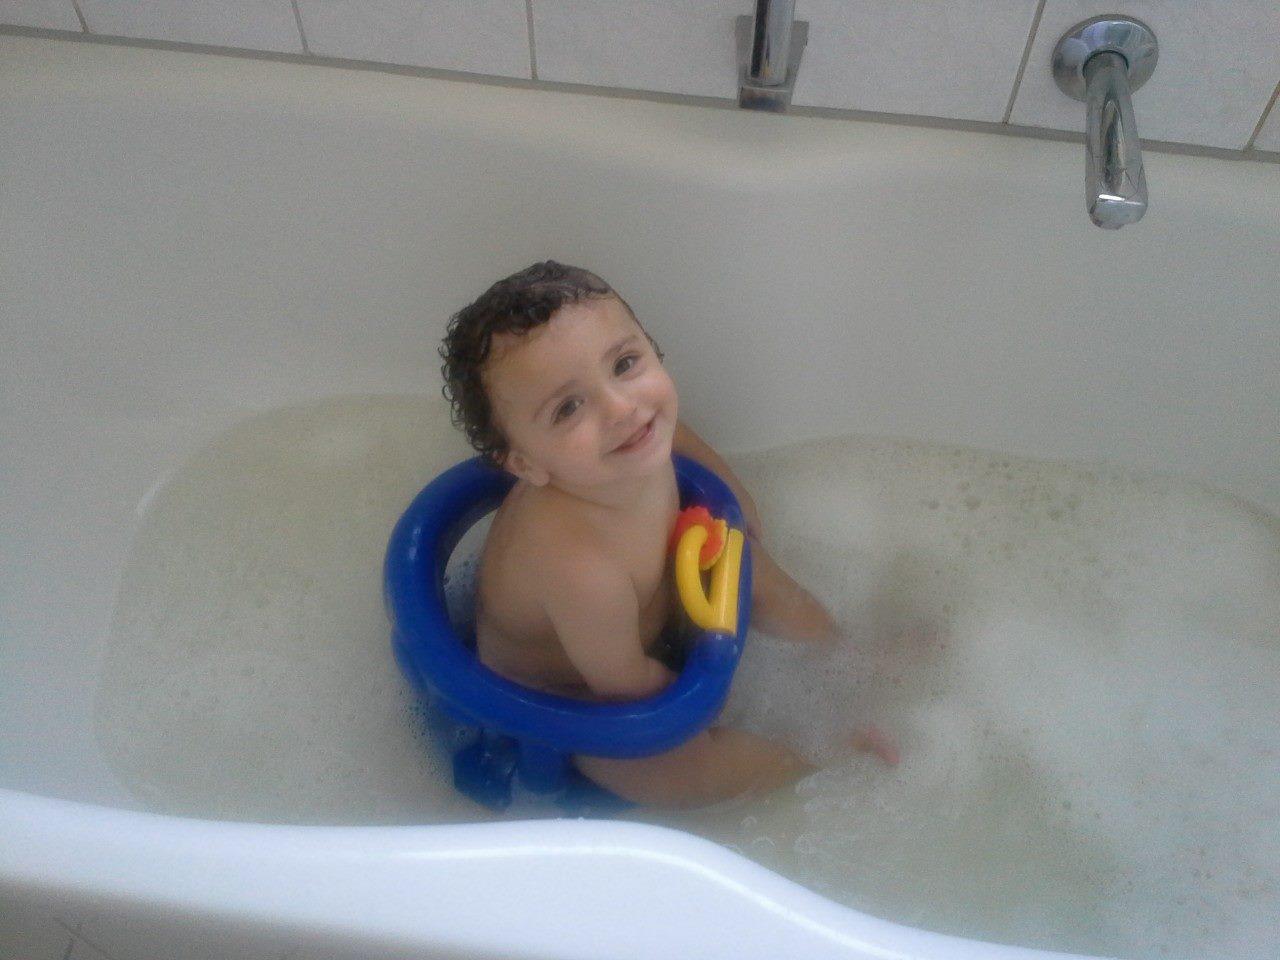 Vasca Da Bagno Bimbi : Il bagnetto al neonato; come evitare stress e angosce ostetrica